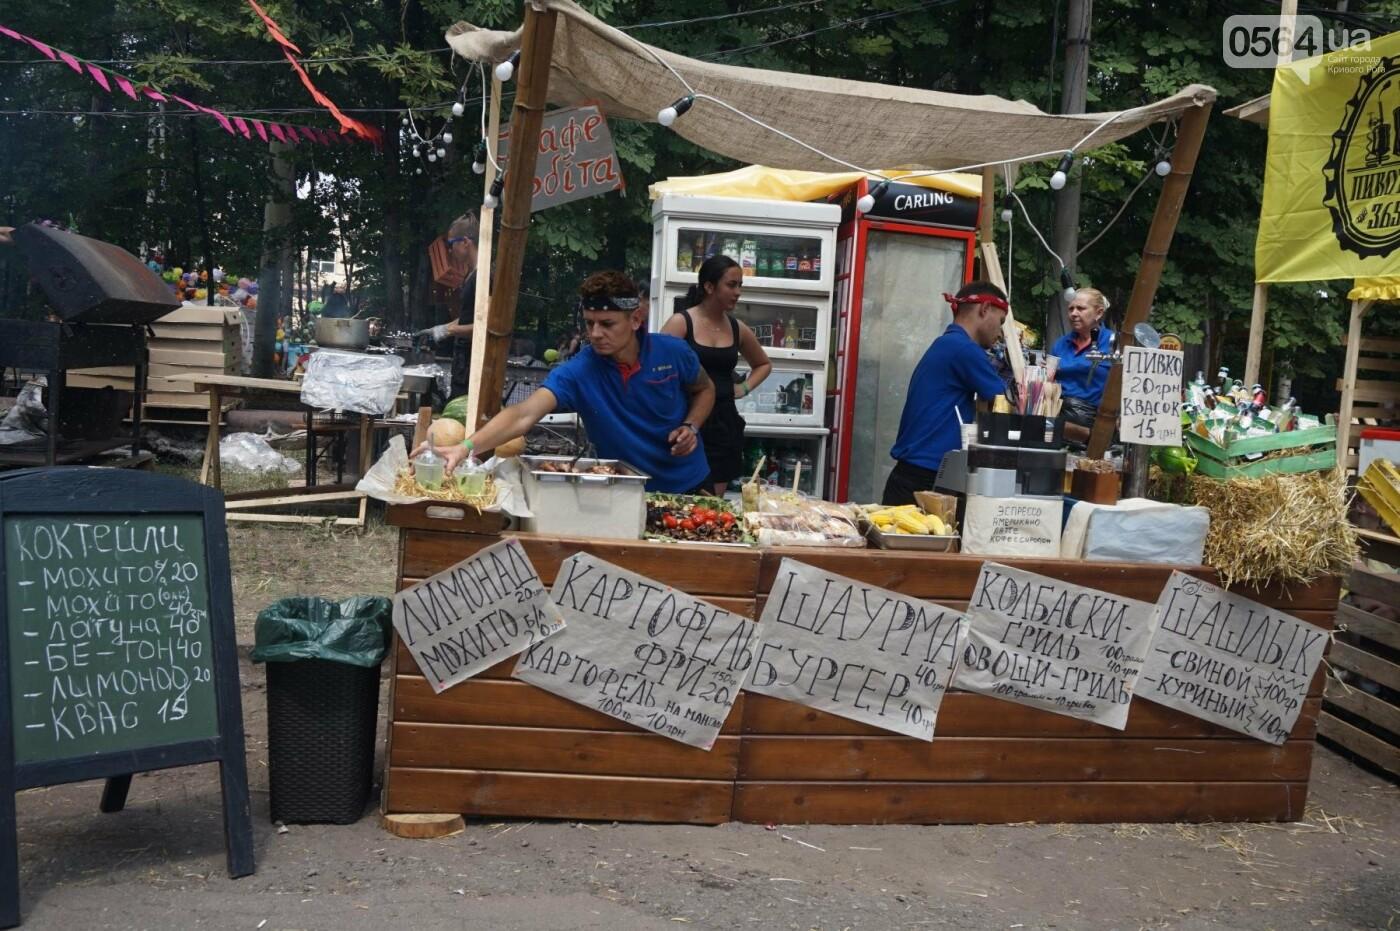 """Криворожане культурно отдыхают на фестивале искусства и еды """"Артишок"""", - ФОТО, ВИДЕО, фото-120"""